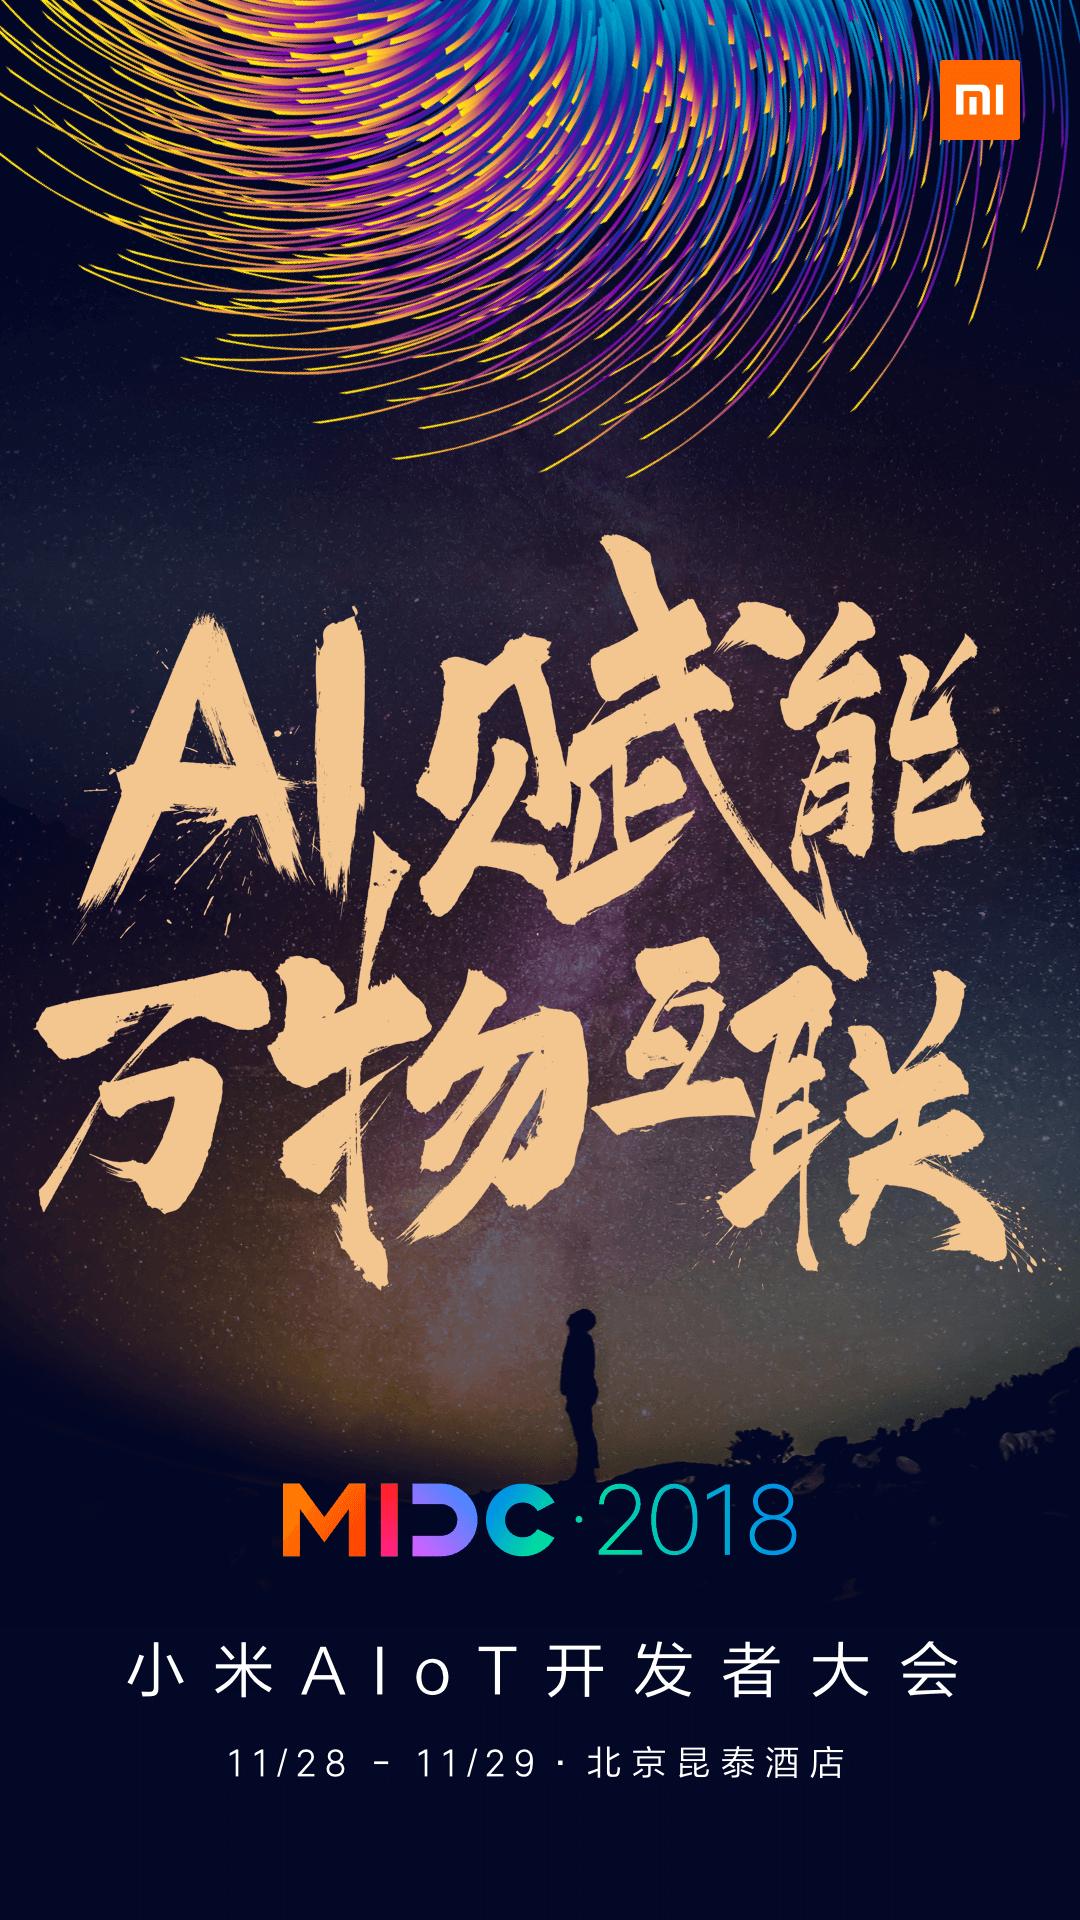 小米AIoT开发者大会28日召开 雷军向业界发出邀请